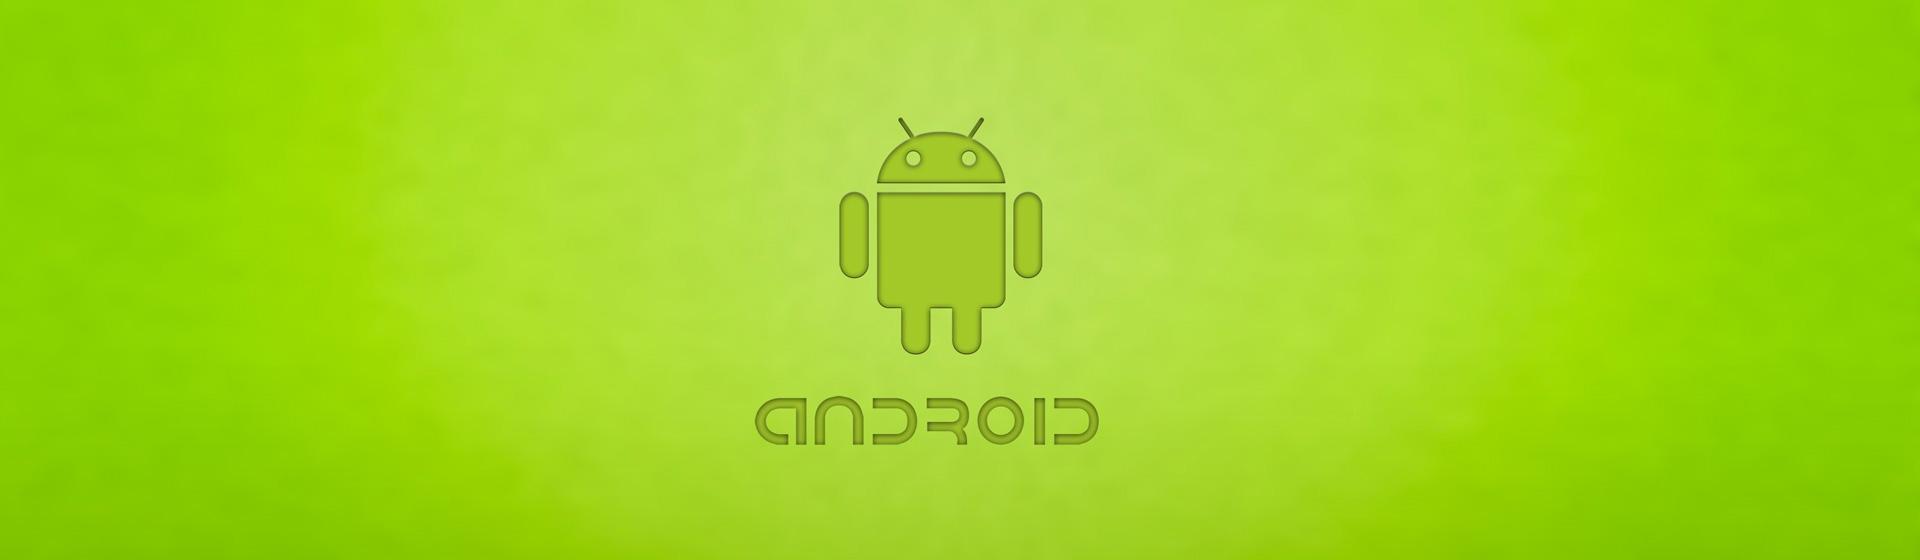 Corsi sviluppo Android